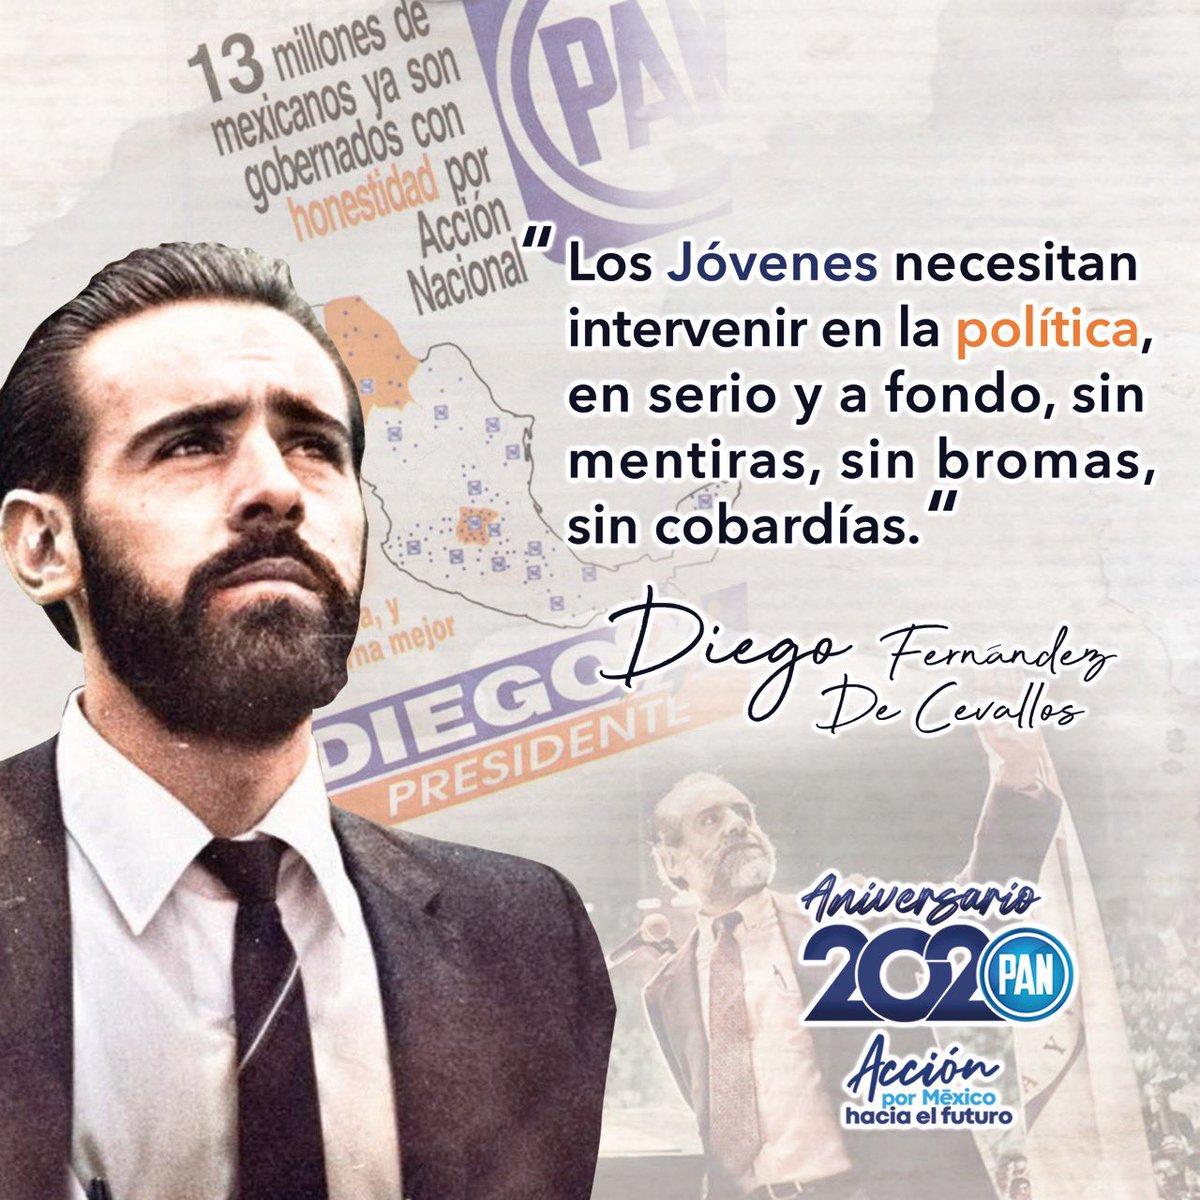 """Celebramos un aniversario más de lucha democrática. Como decía Diego Fernández de Cevallos: """"Estoy convencido de que los valores de la democracia, de la justicia y de la libertad encuentran su cauce natural en nuestro Partido Acción Nacional"""".  #Aniversario2020🇲🇽 https://t.co/jBdCce2YaZ"""